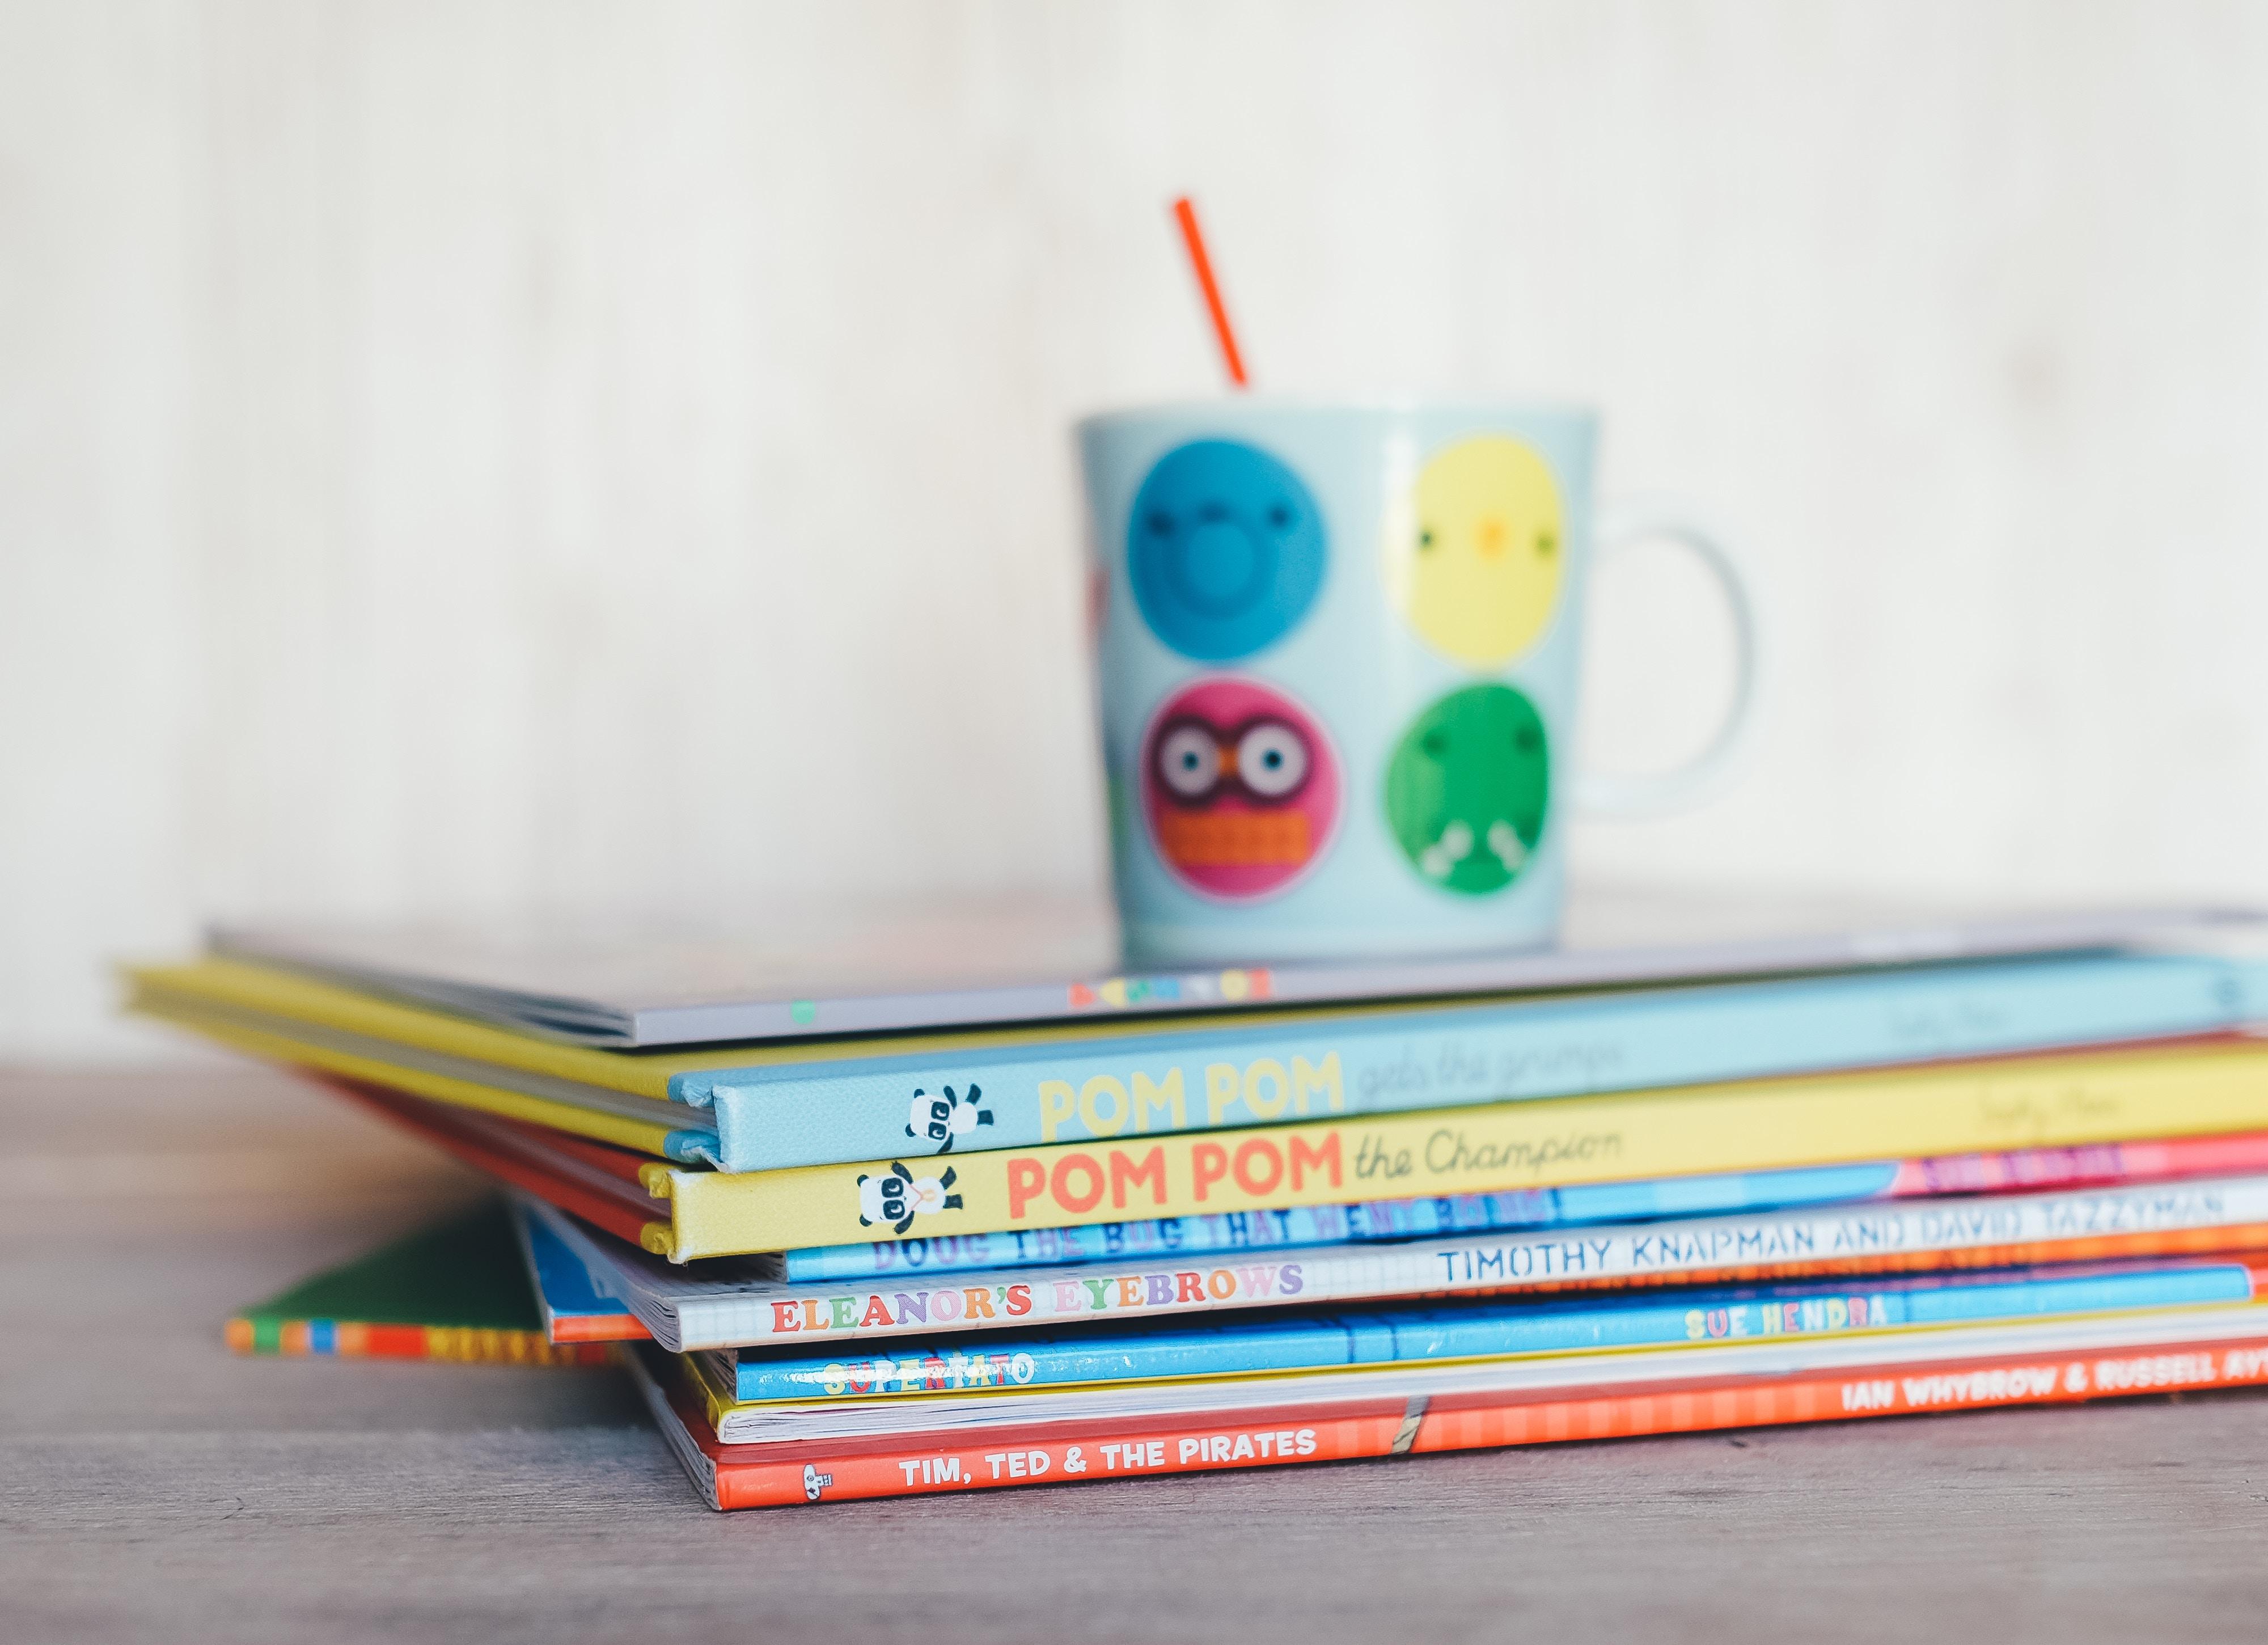 Colourful children's books.